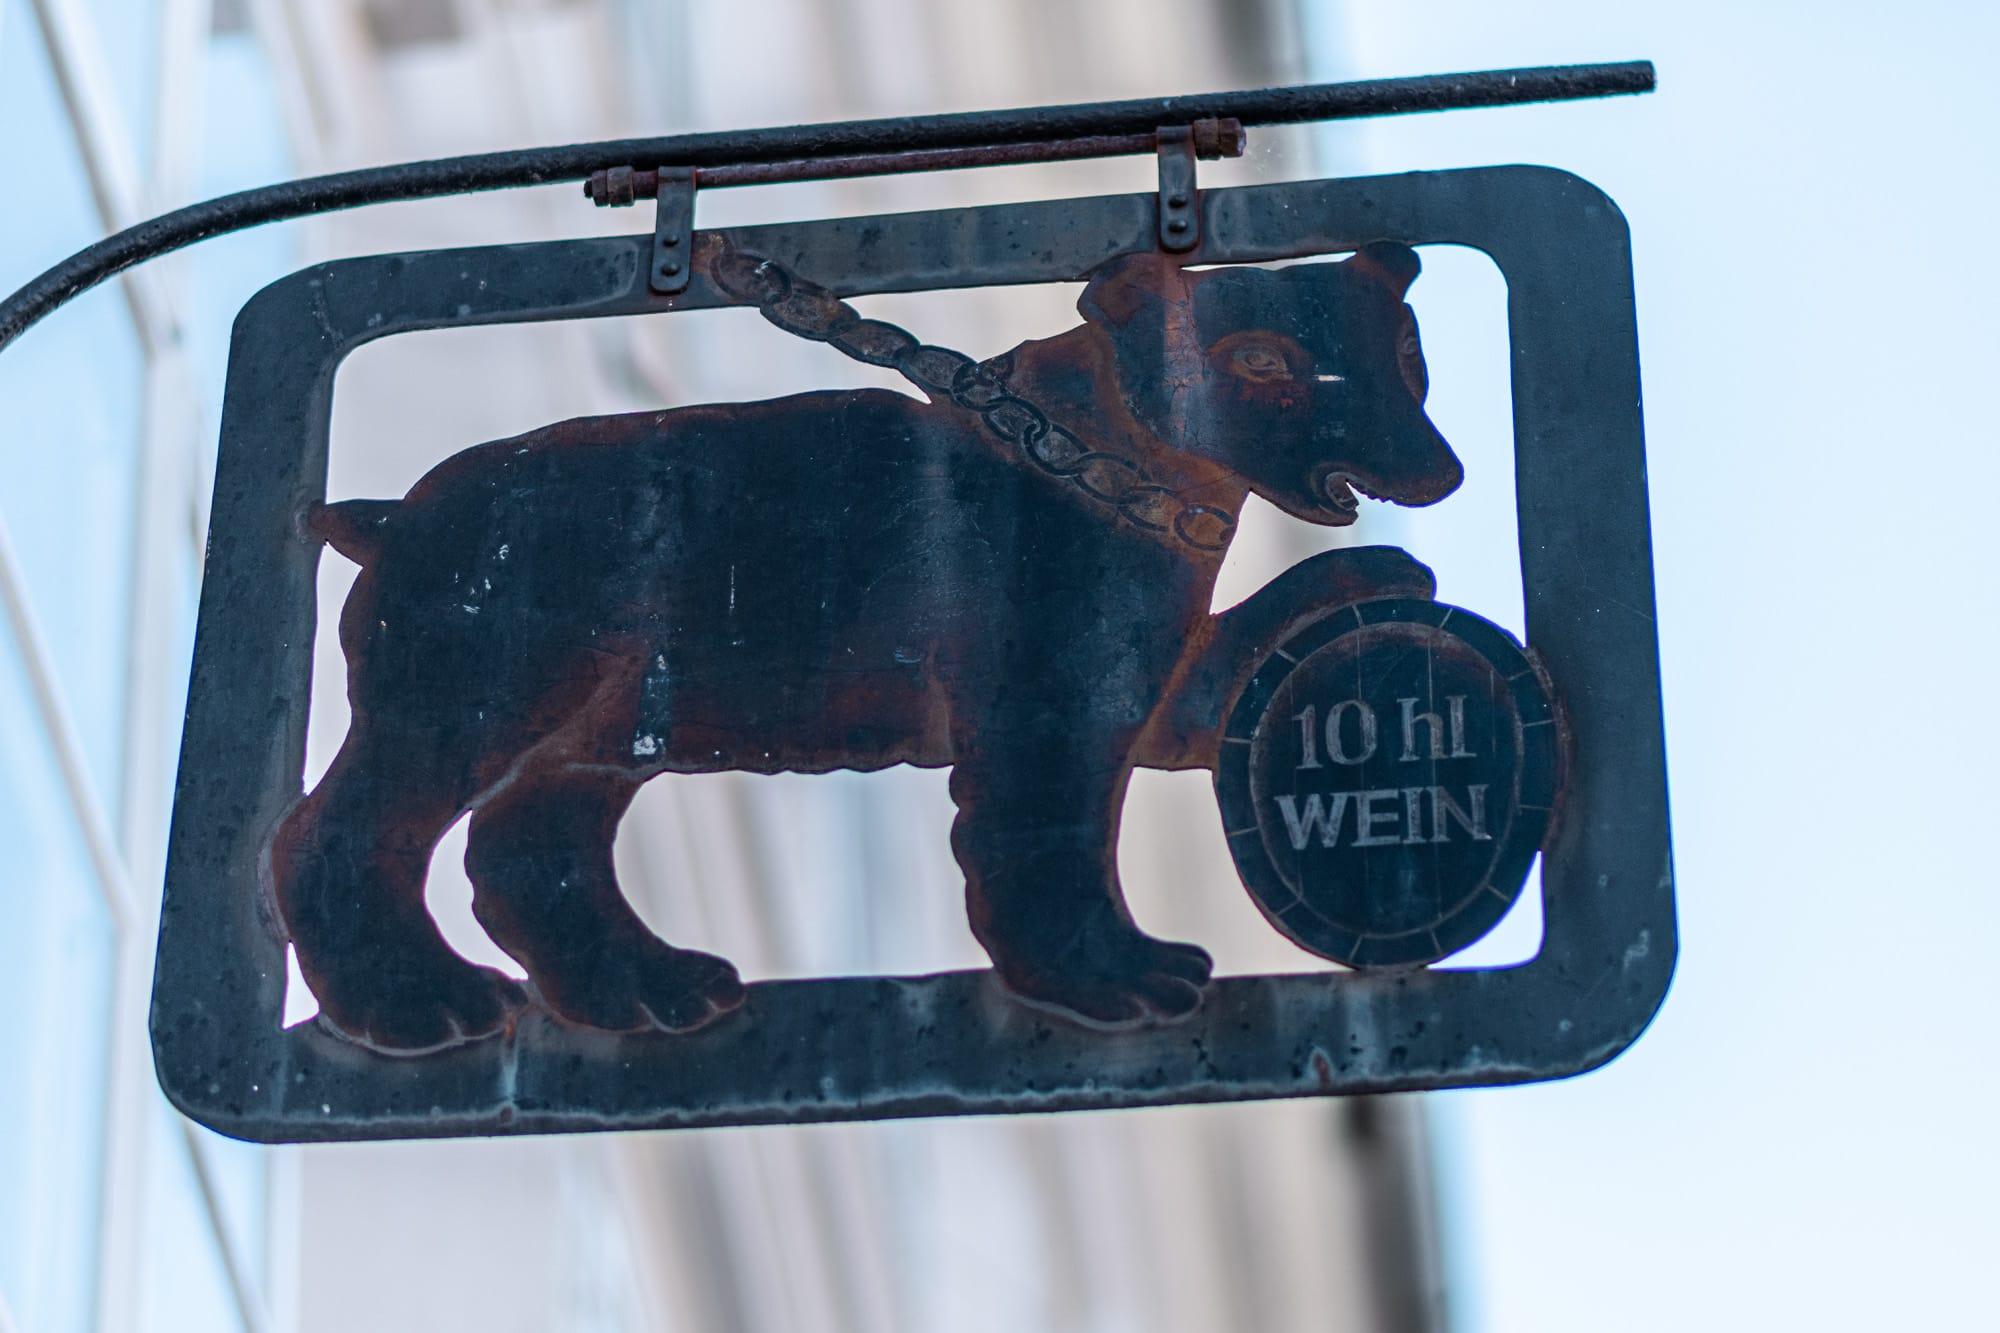 Bärenlaube, Antiquariat, Bär, Tiere in der Stadt, 9020 Klagenfurt am Wörthersee, Sehenswürdigkeiten